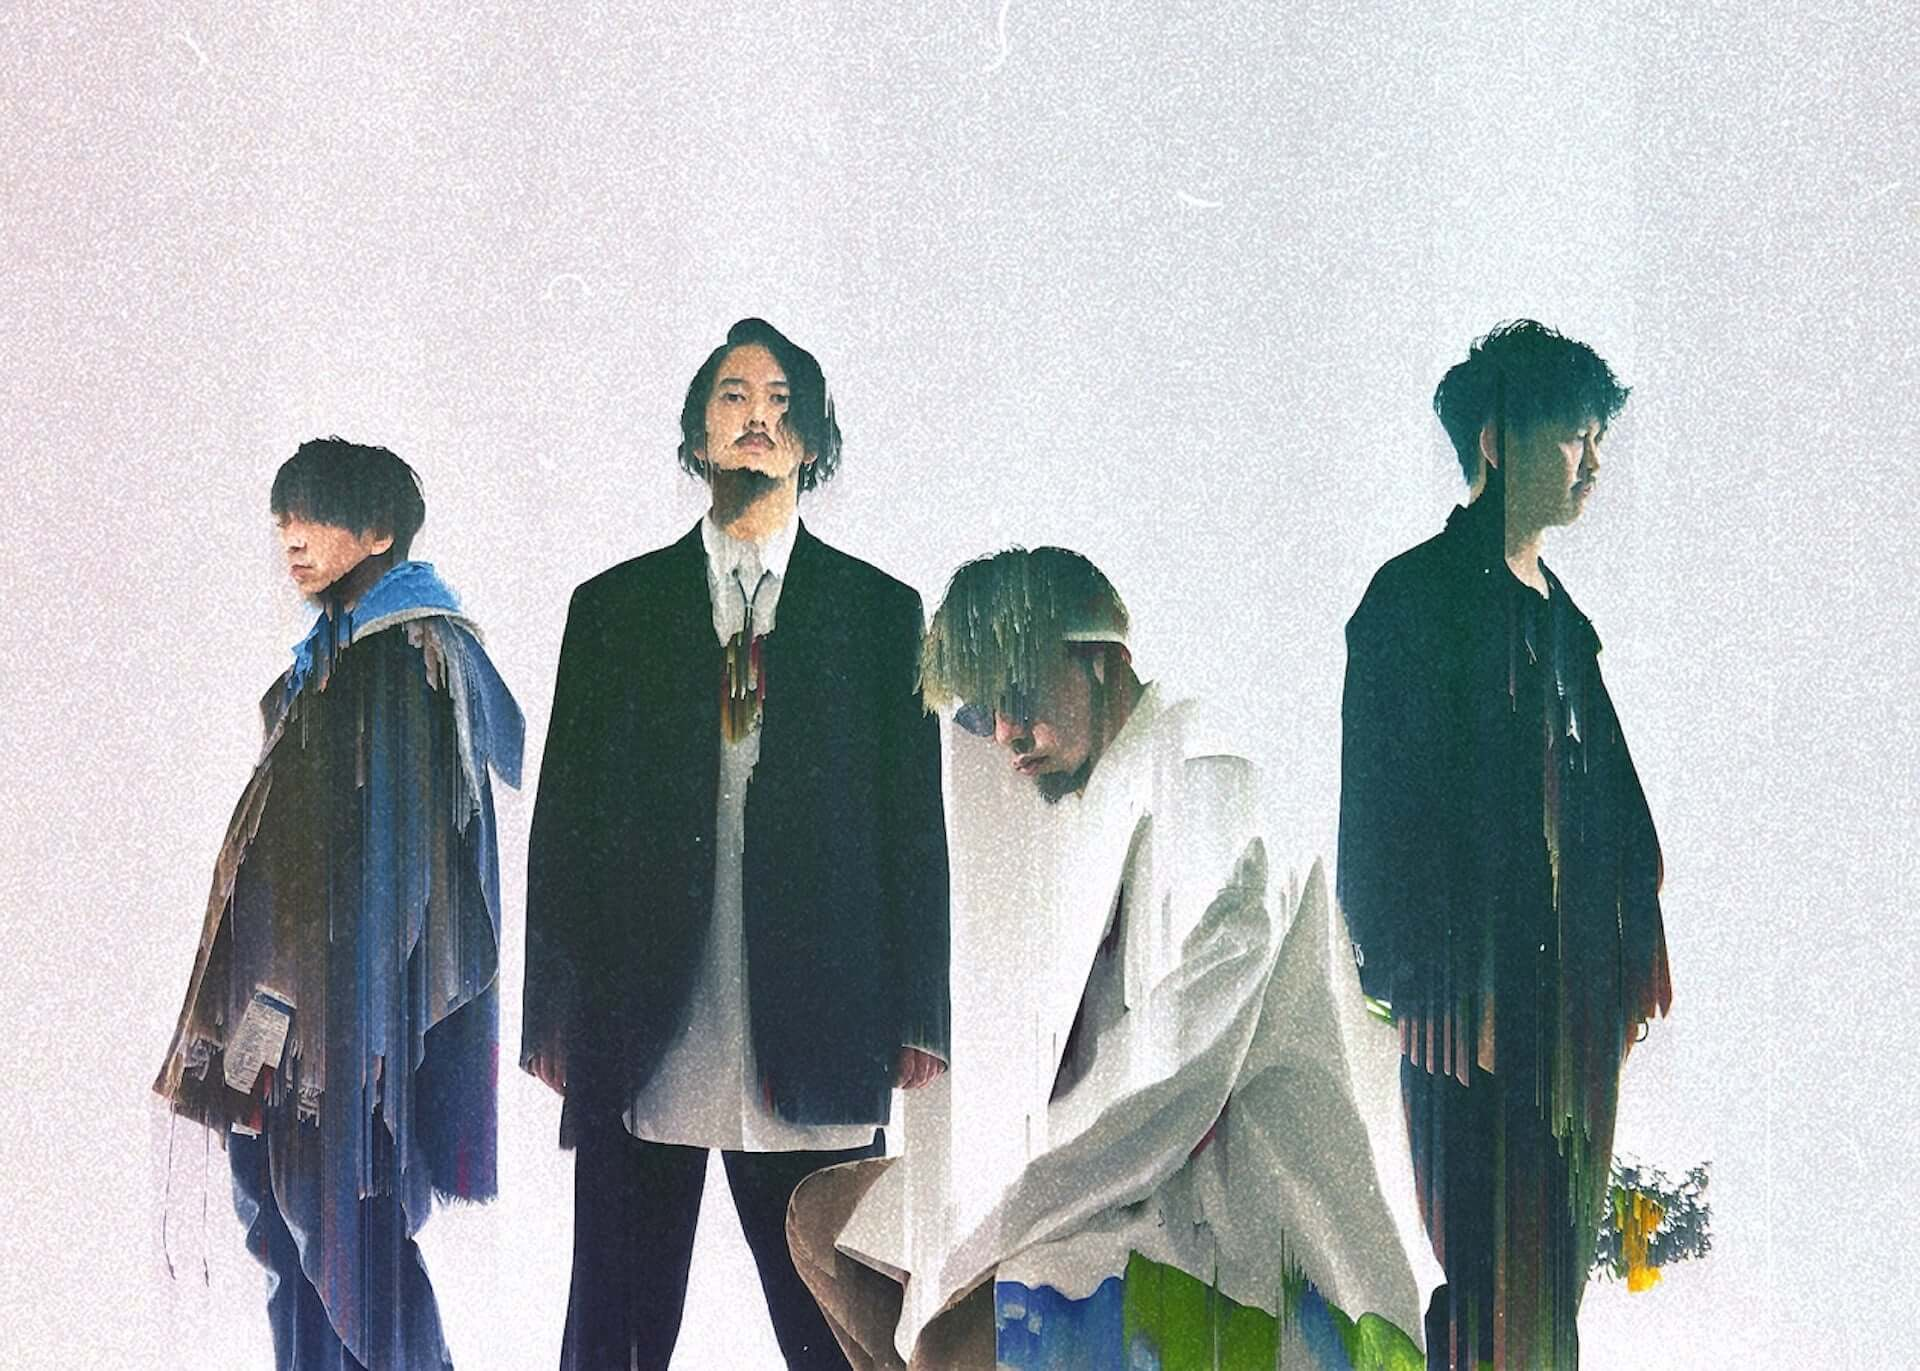 WONKの新アルバム『EYES』のリリース情報が解禁!本日J-WAVEにて無観客ライブ中継も実施 music200409_wonk_4-1920x1371